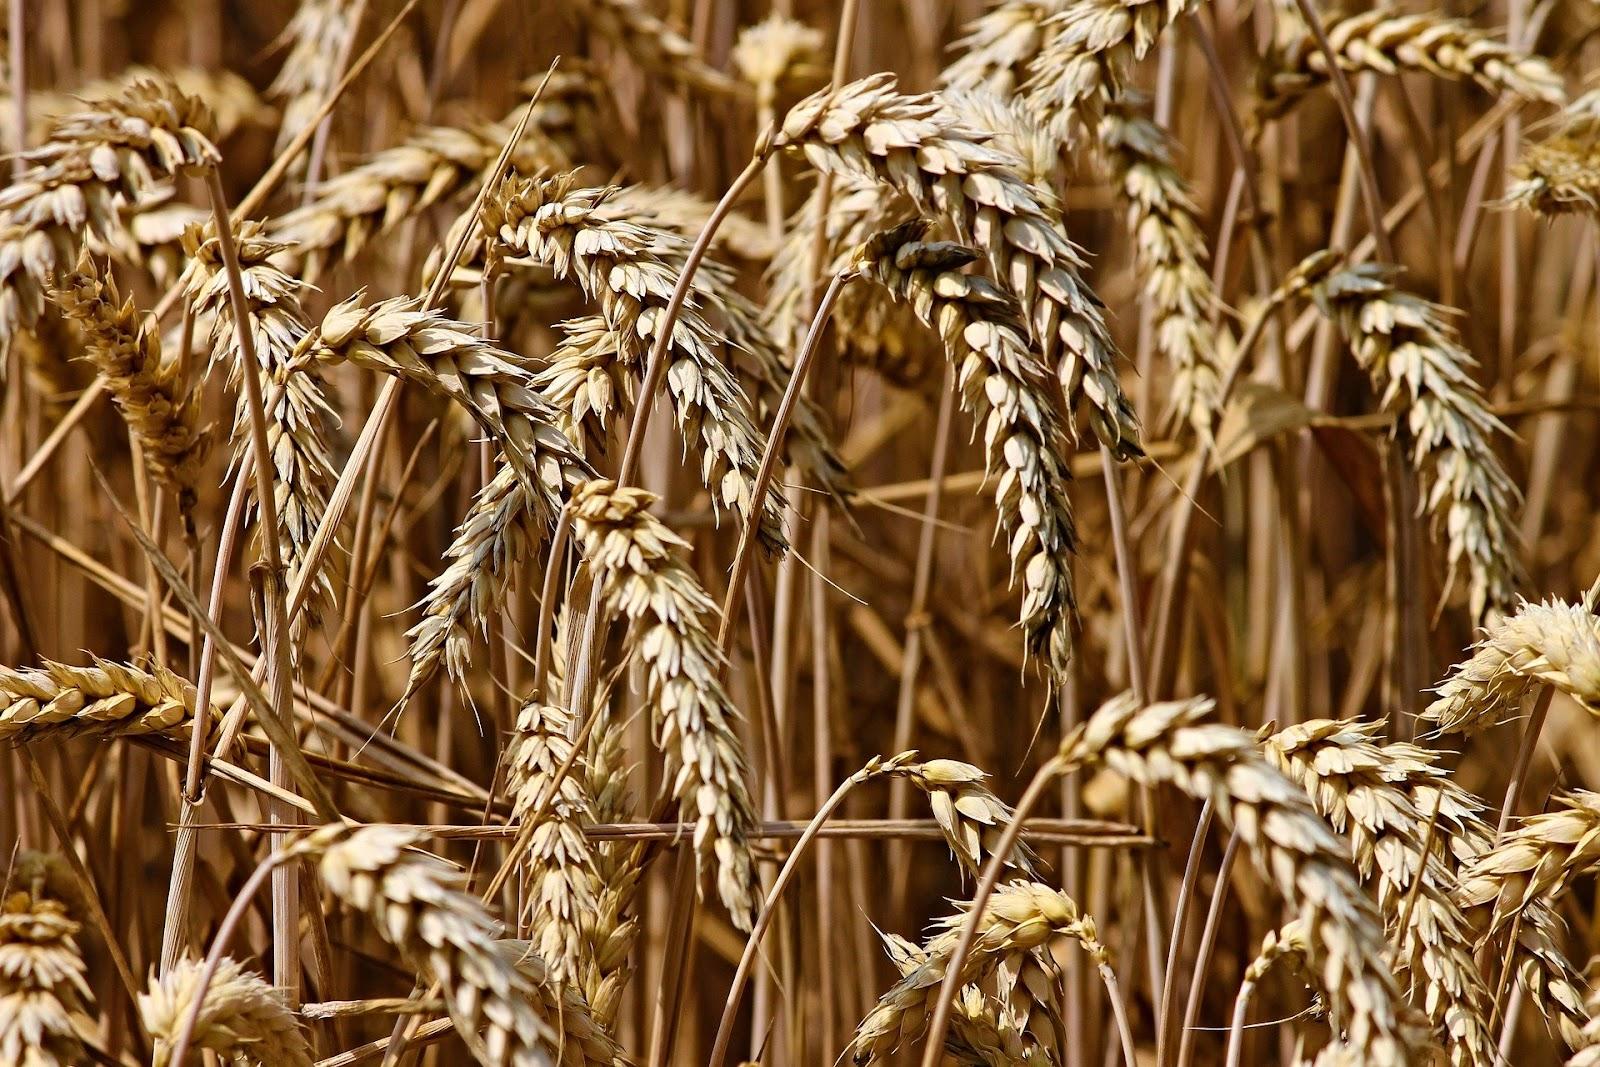 Estiagem é benéfica para produção de trigo